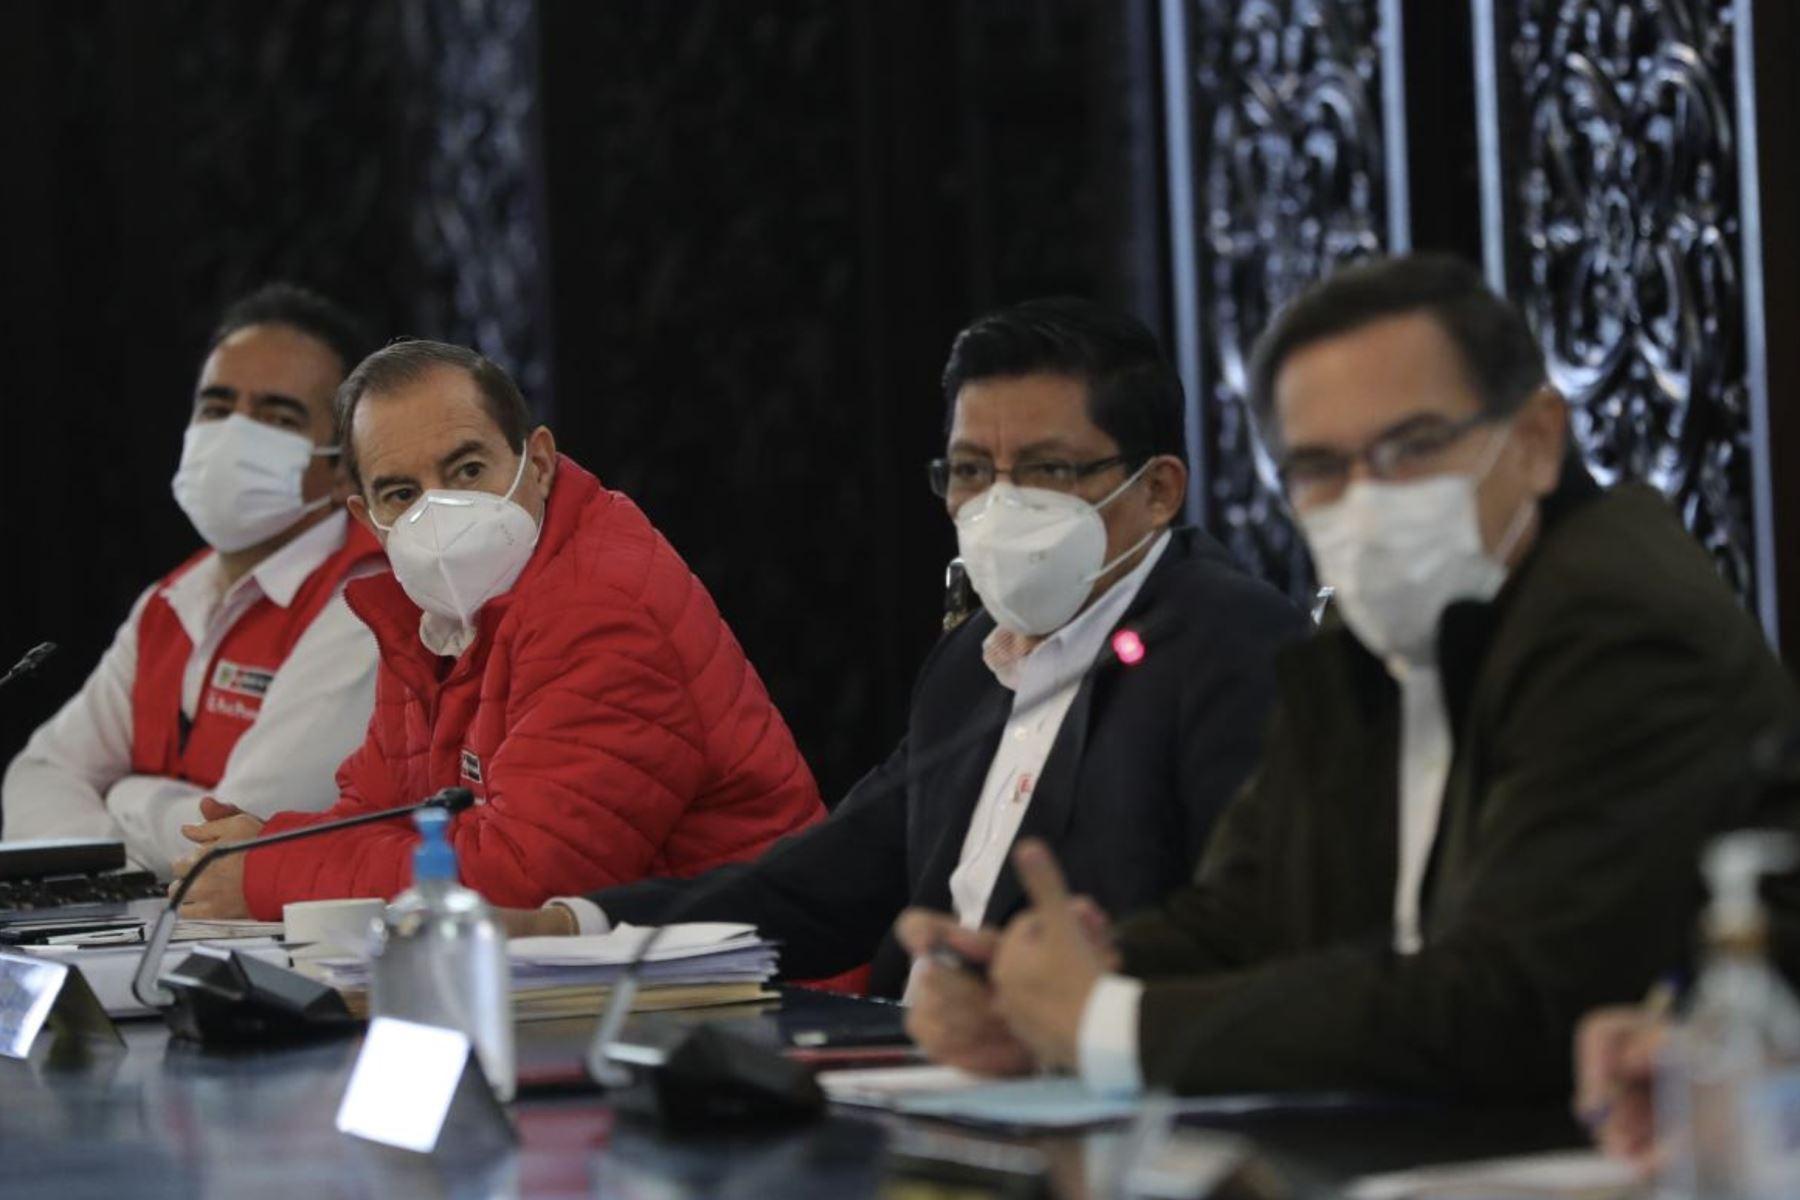 El presidente Martin Vizcarra y el titular de la PCM, Vicente Zeballos, encabezaron una nueva sesión del Consejo de Ministros, donde se evaluaron las medidas adoptadas y acciones del Ejecutivo en el marco del Estado de Emergencia por el covid-19. Foto: ANDINA/ Prensa Presidencia